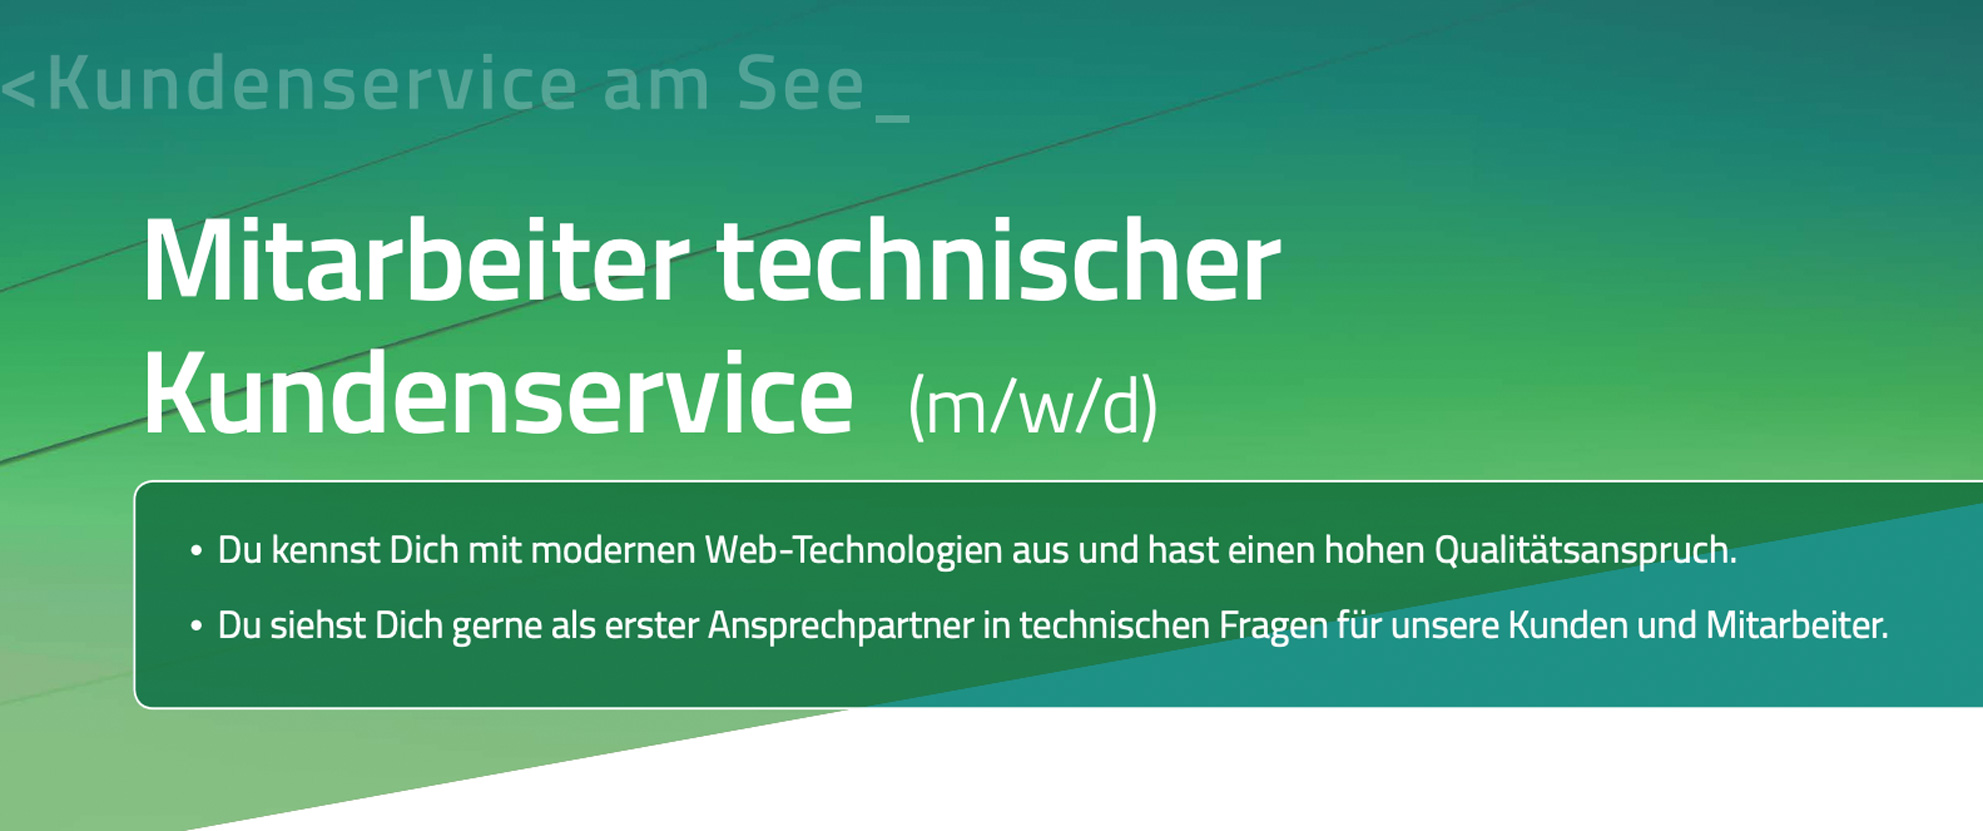 mitarbeiter-technischer-kundenservice-starnberg